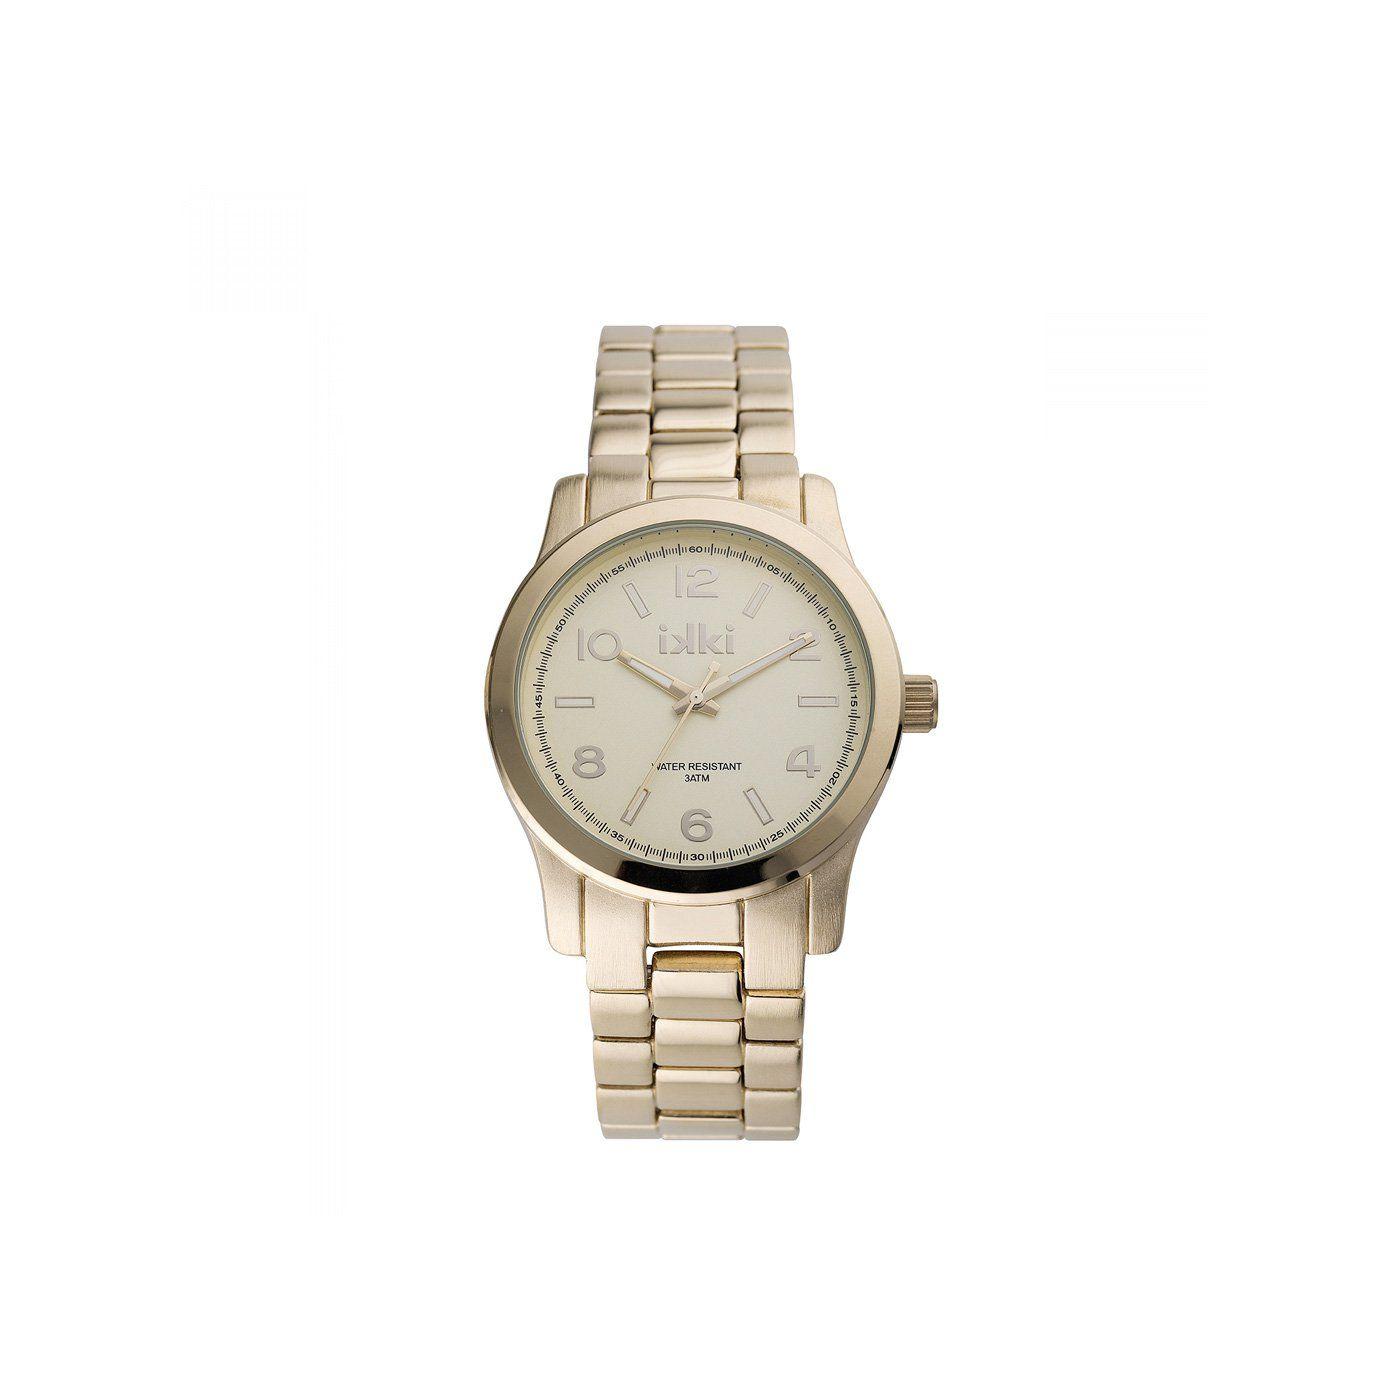 Ikki horloges bestaan uit een aantal collecties met verschillende uitstralingen en dus passend bij een breed publiek.